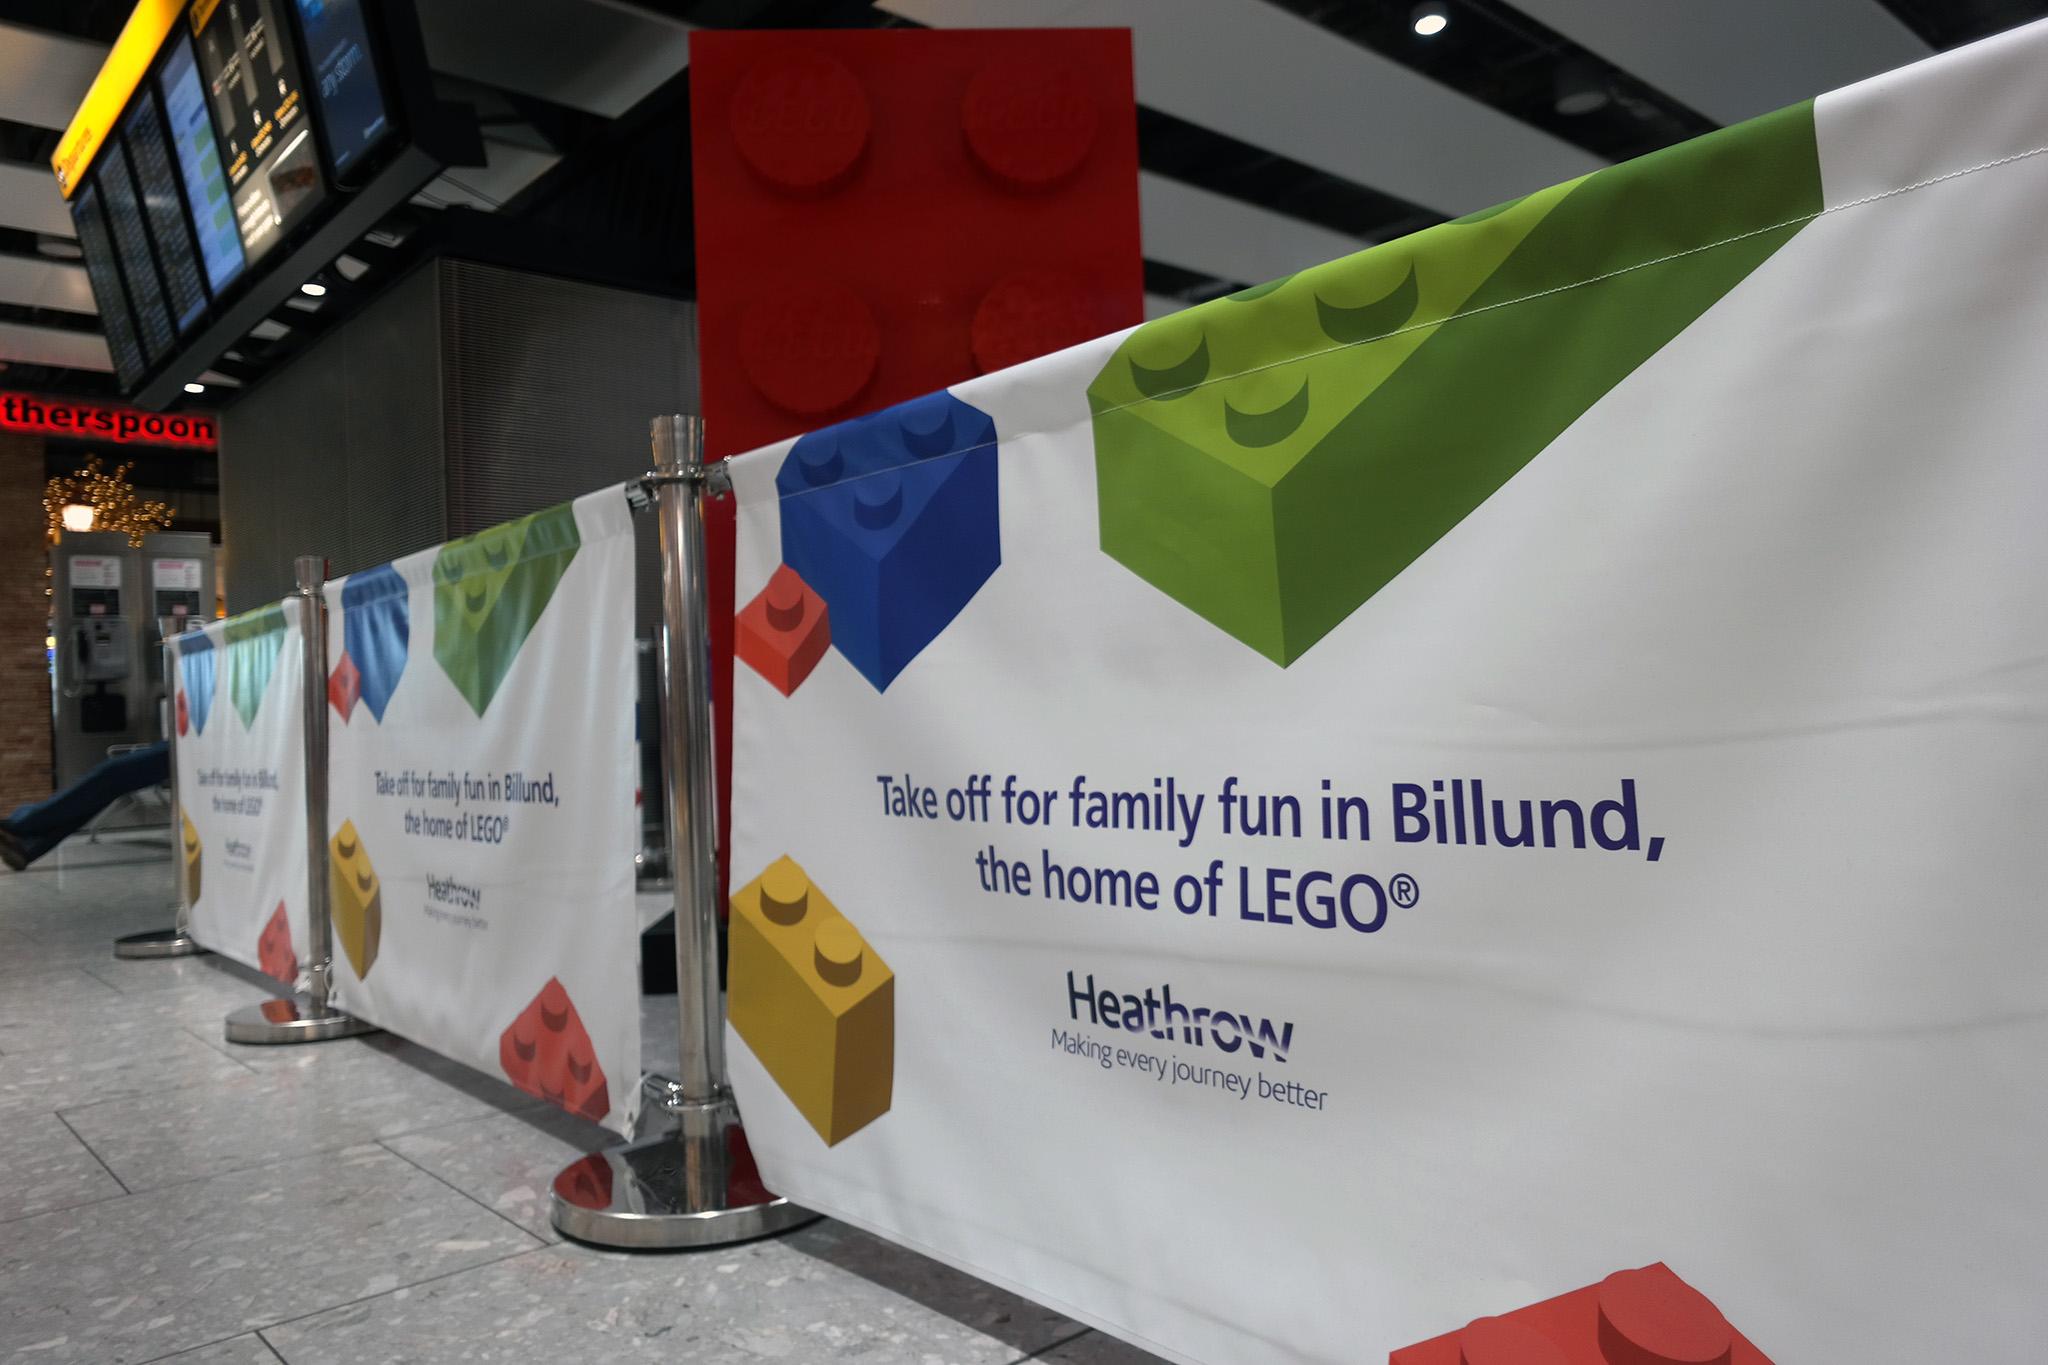 Også i London-Heathrow lufthavnen markeres den nye rute til Billund, med henvisning at man nu kan flyve til LEGO's hjemsted. (Foto: Joakim J. Hvistendahl)